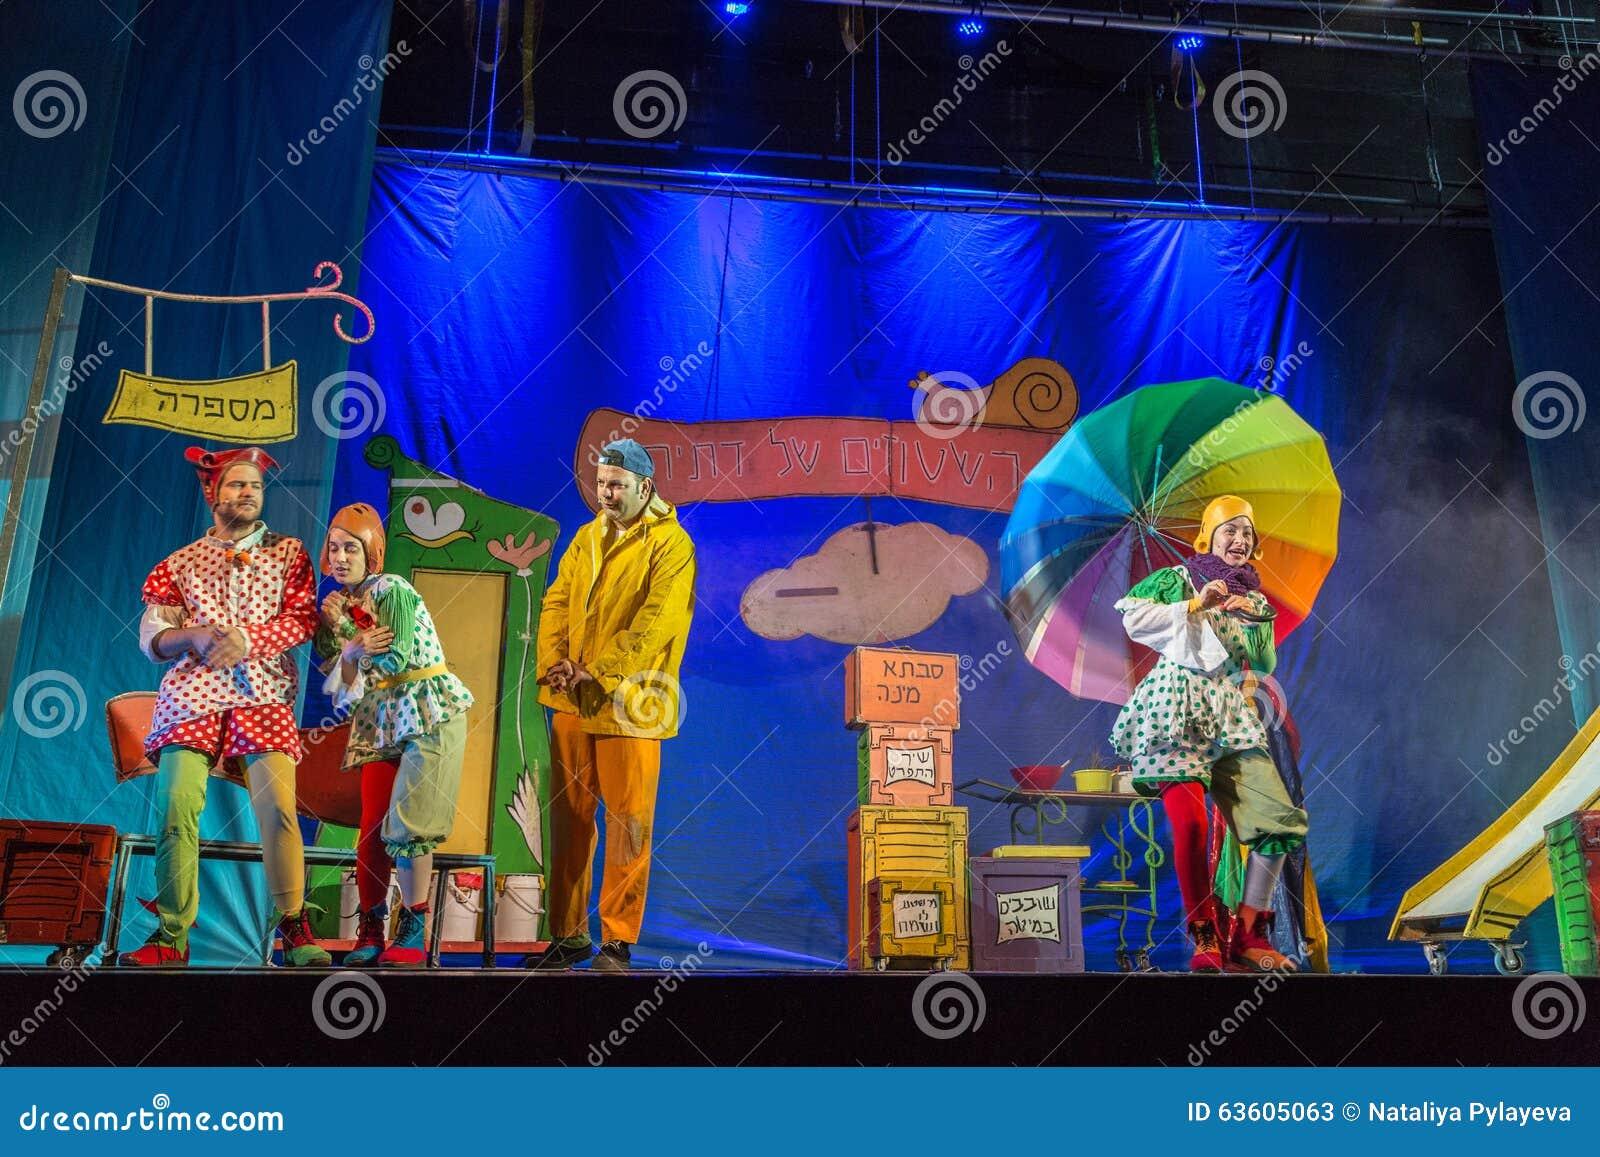 Negev, cerveja-Sheva, Israel - teatro dos atores de crianças judaicas em trajes coloridos na fase do palácio da juventude